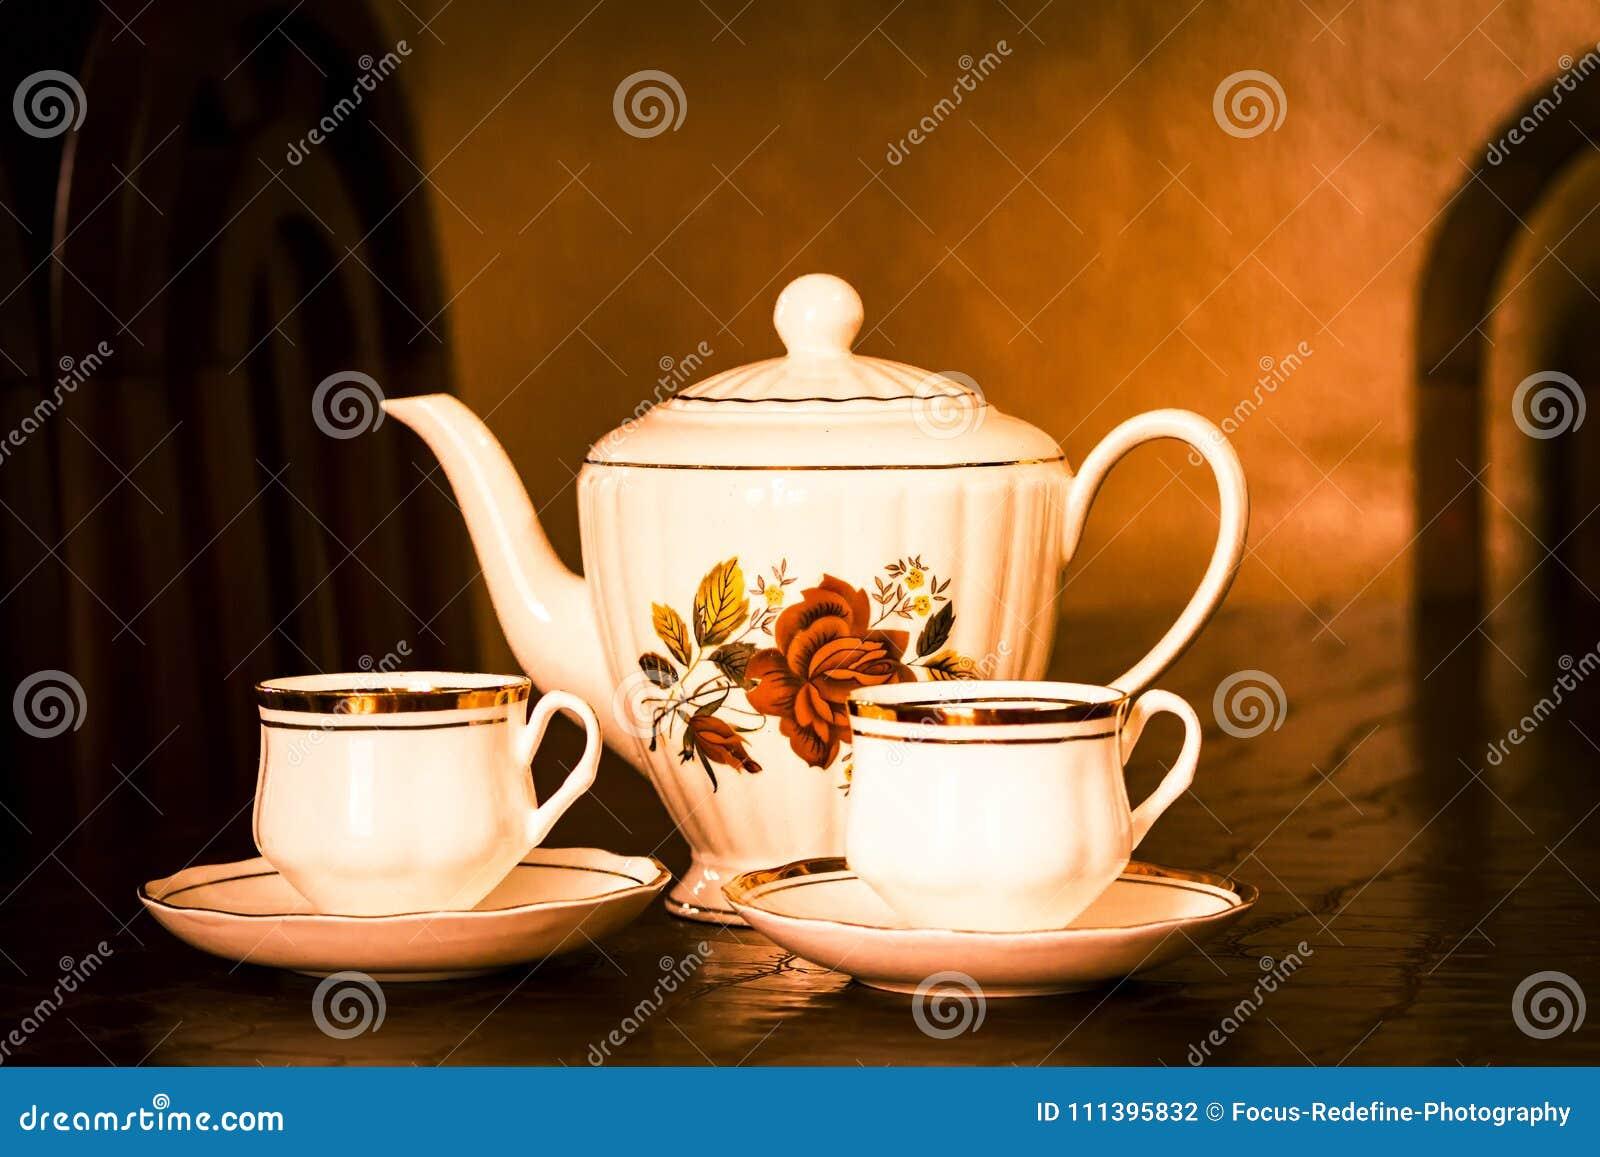 Temps de thé : Belle théière avec deux tasses de thé